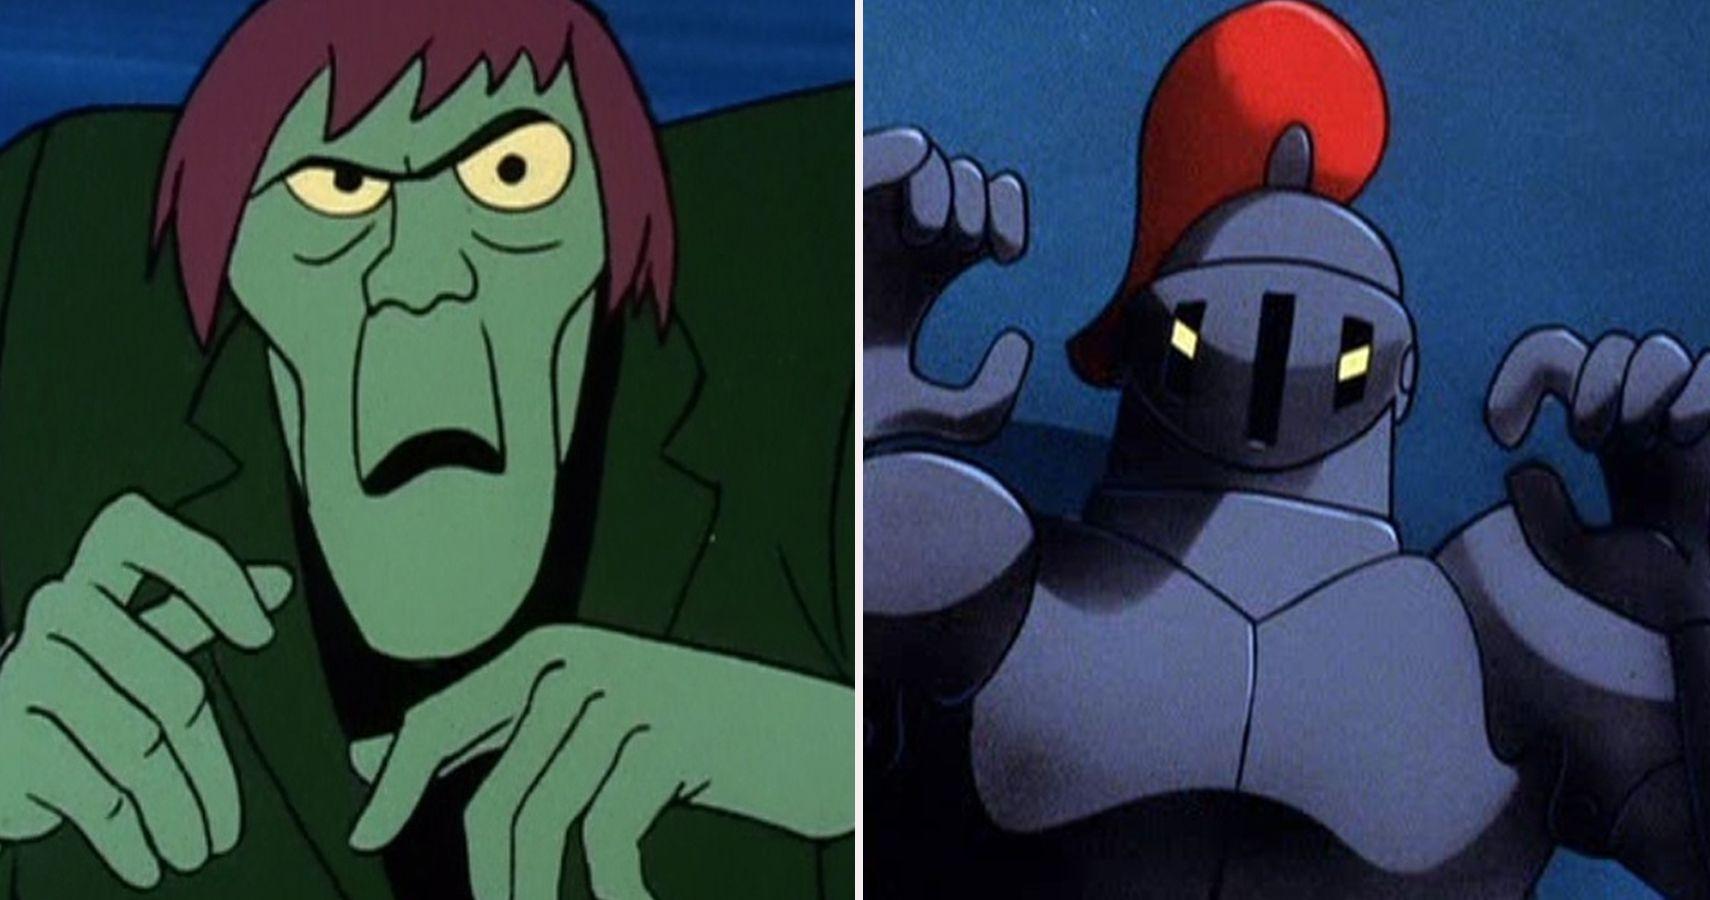 15 Best Villains From The Original Scooby Doo Cartoon